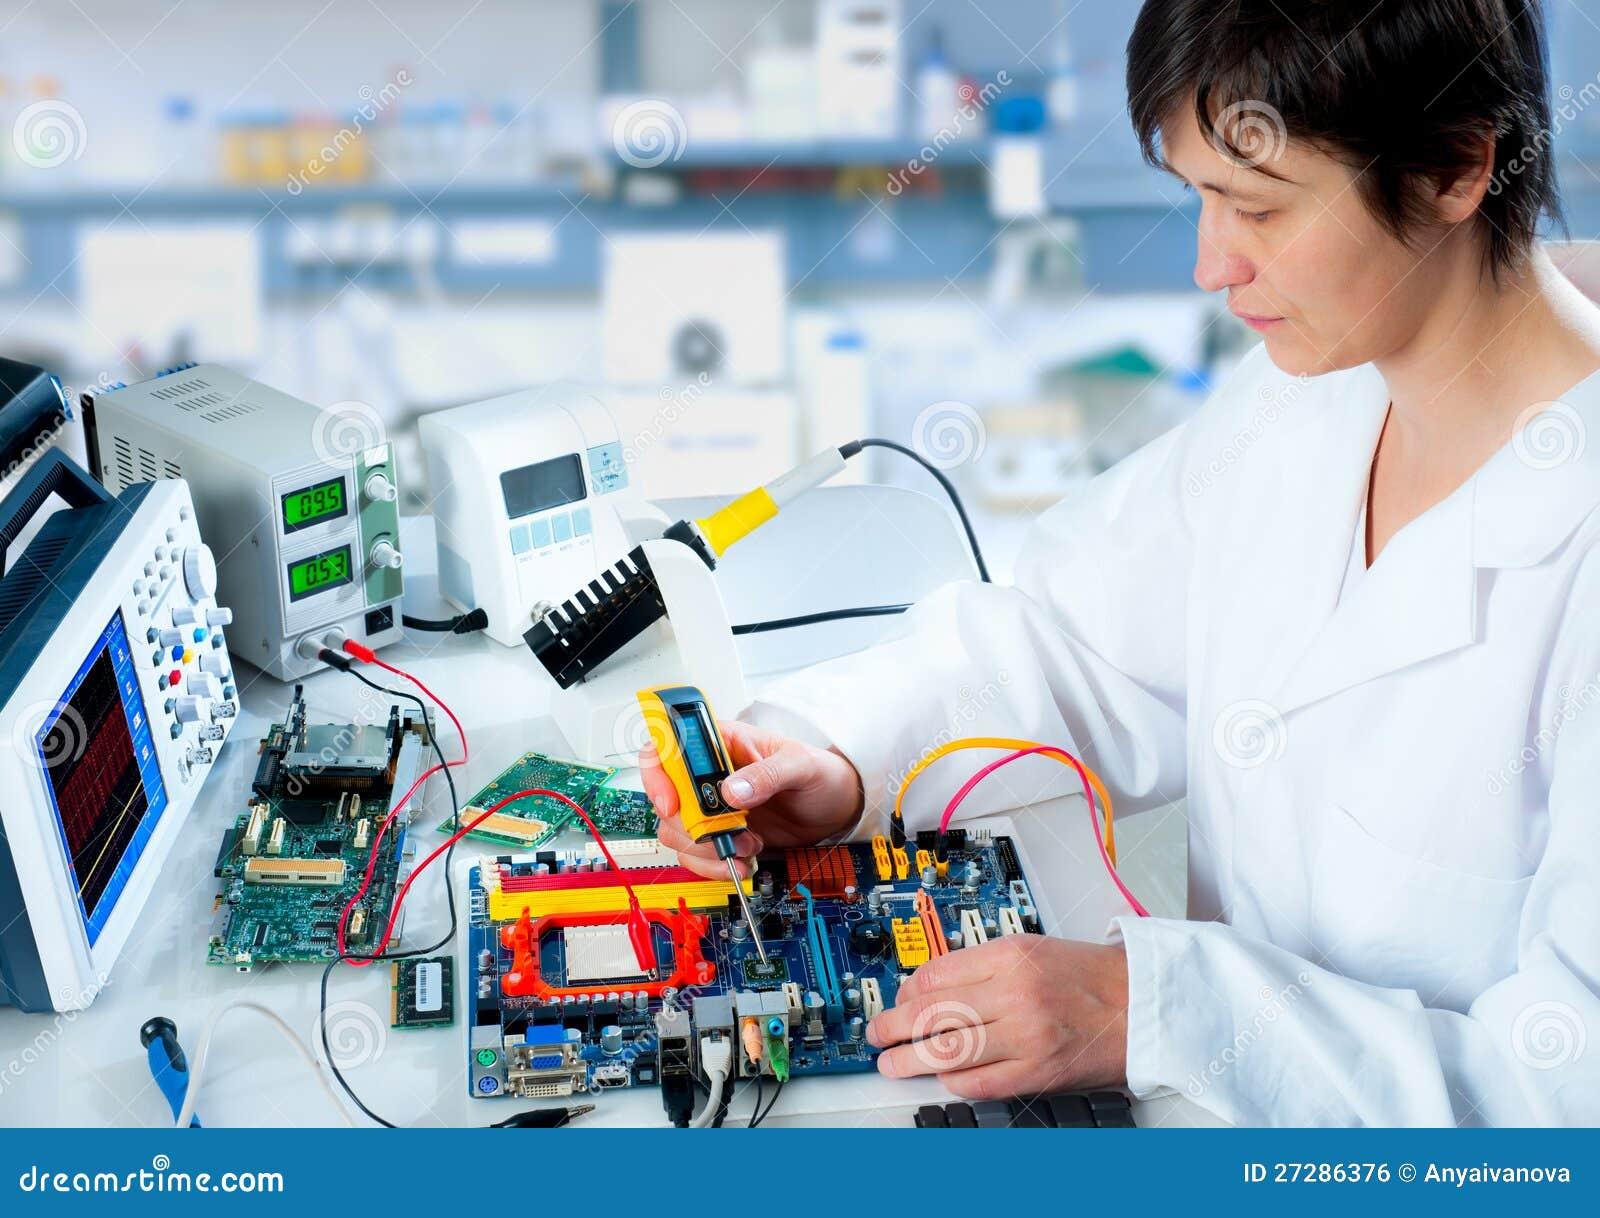 Provning av elektronisk utrustning